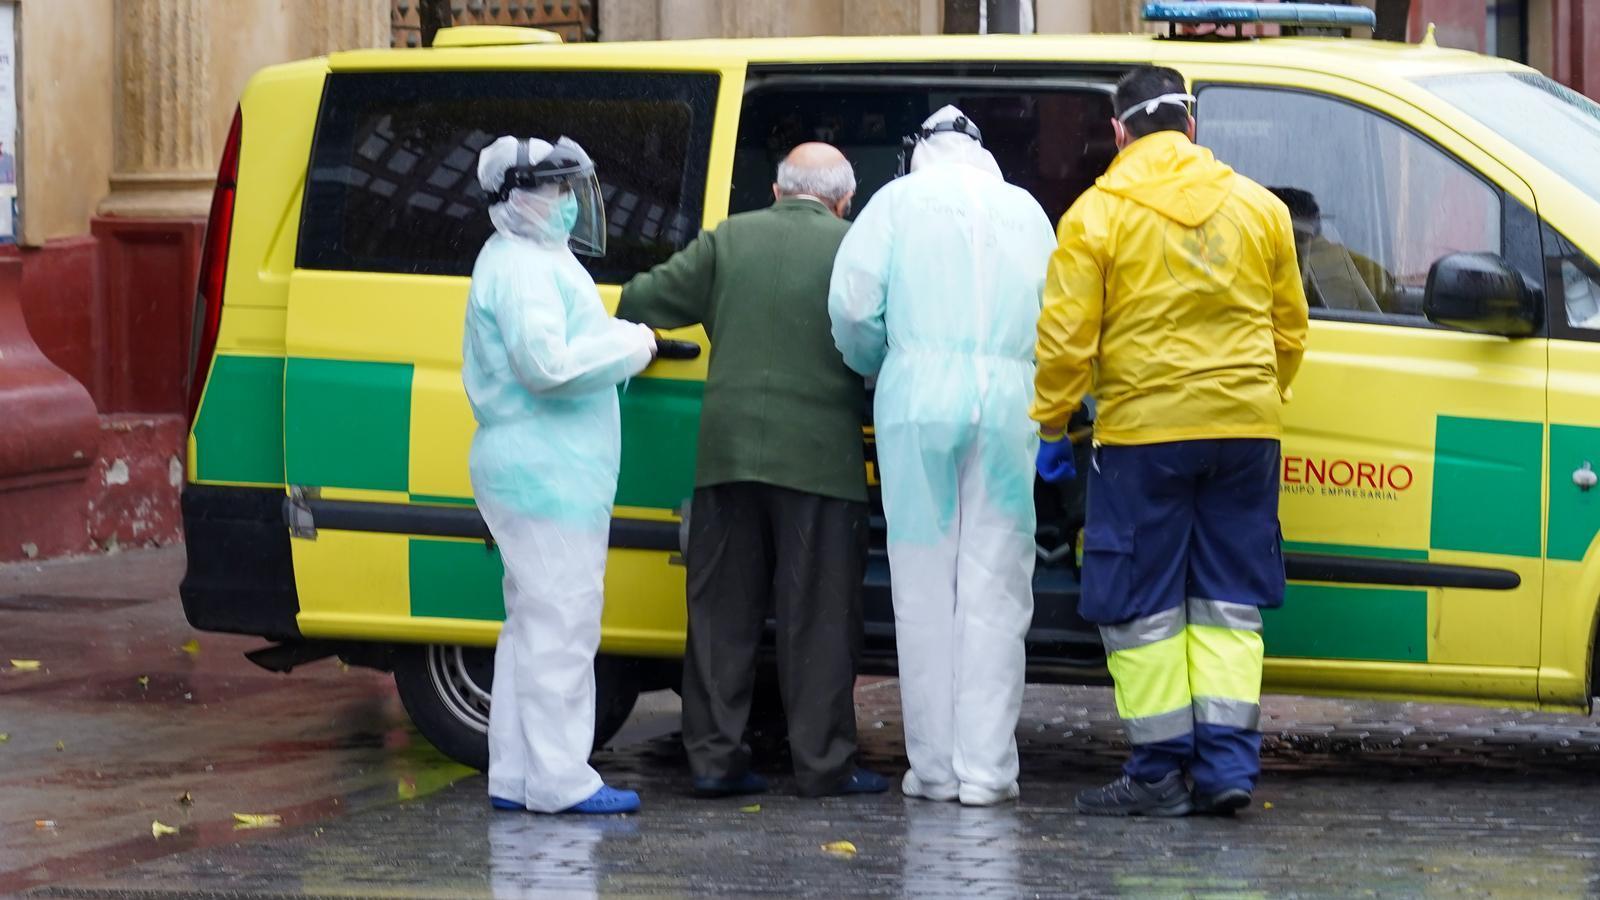 Sanitaris de la residència San Juan de Dios acompanyen un home gran cap a l'ambulància que el portarà a l'Hospital Virgen del Rocío de Sevilla